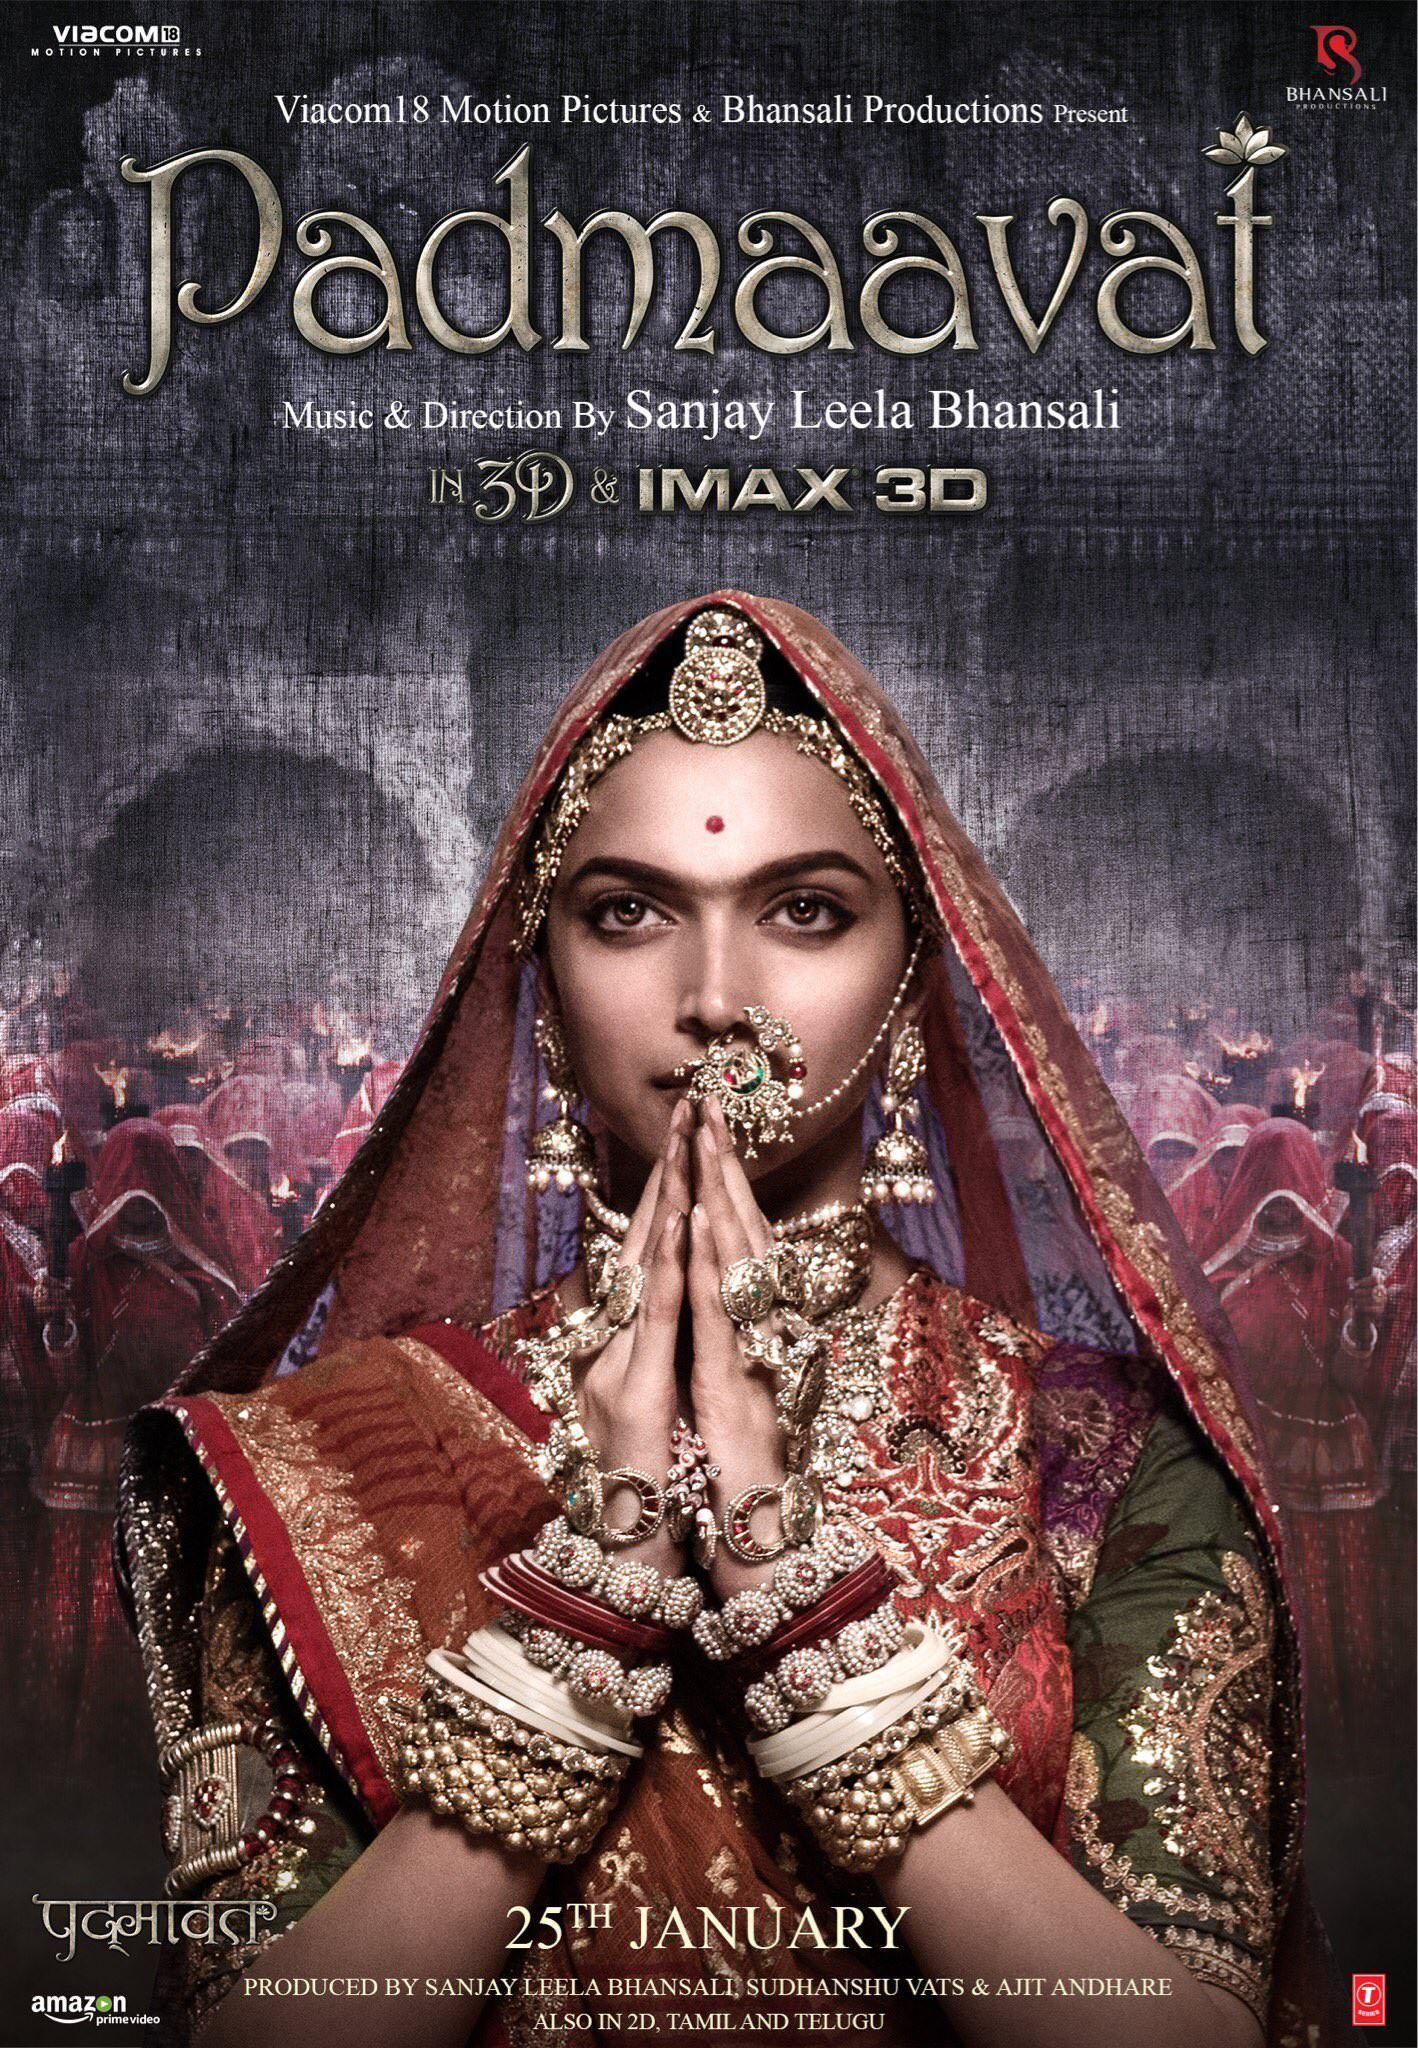 Padmaavat 2018 Tamil Dubbed Movie Free Download Full Hd Bluray Camrip Dvdscr